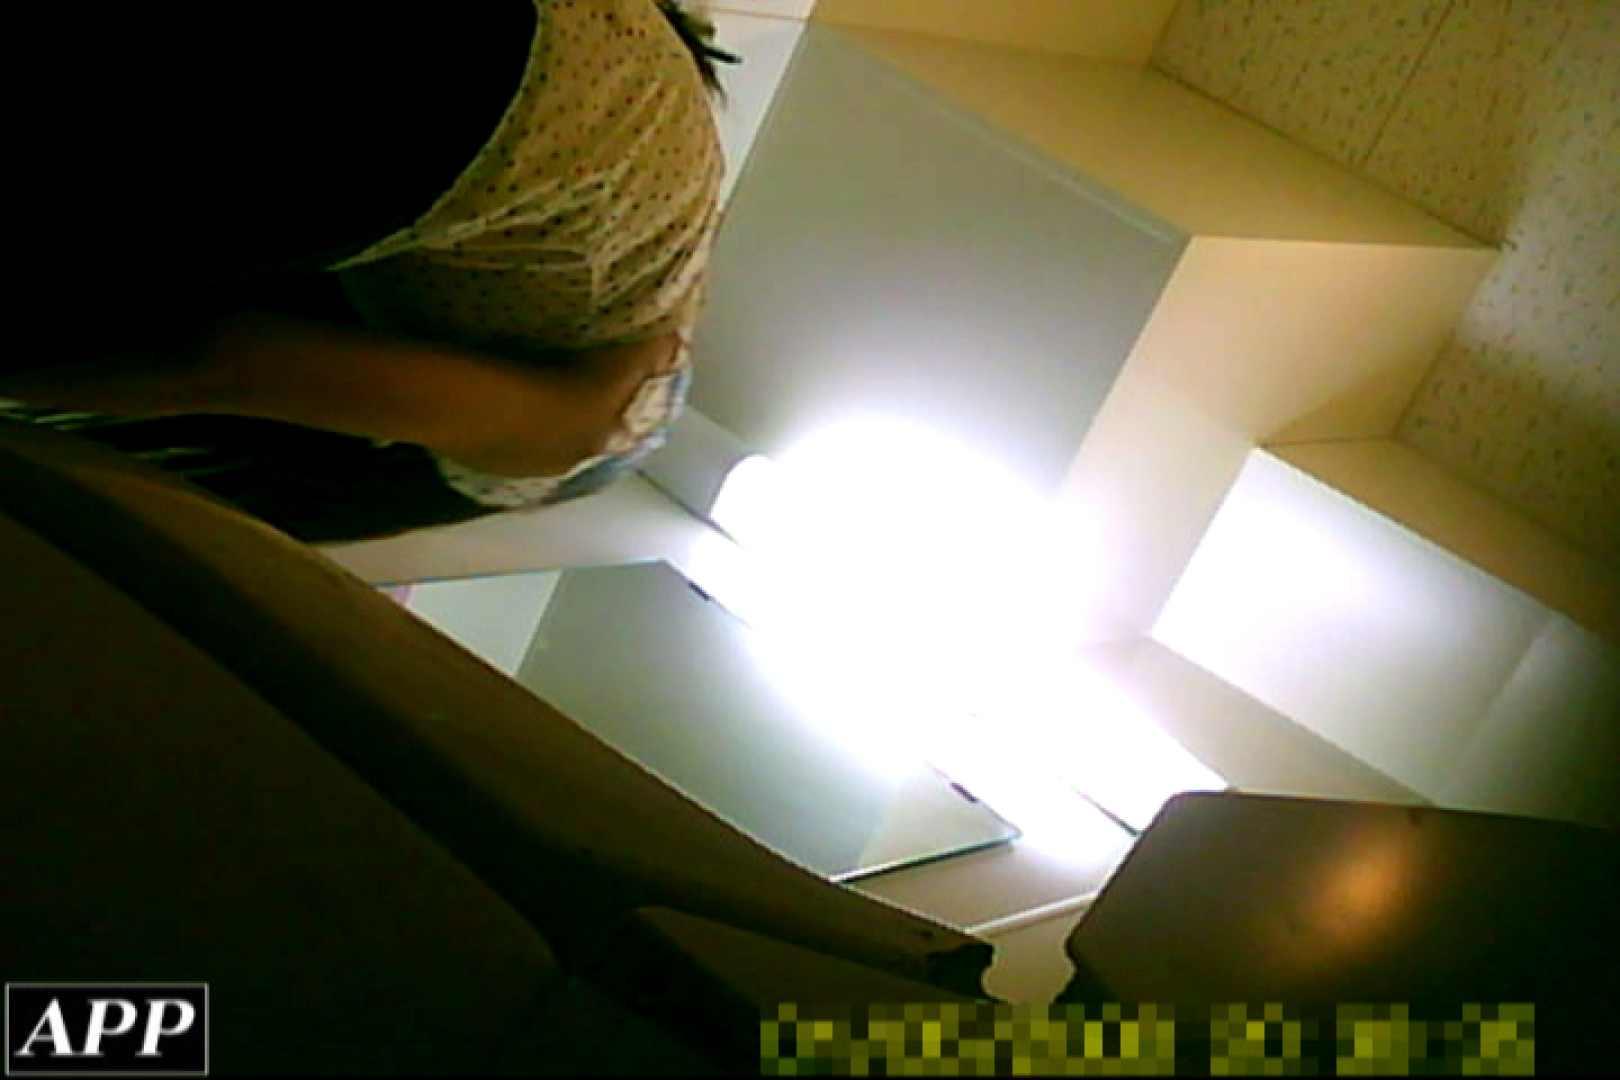 3視点洗面所 vol.140 マンコ・ムレムレ 盗み撮り動画キャプチャ 103pic 58